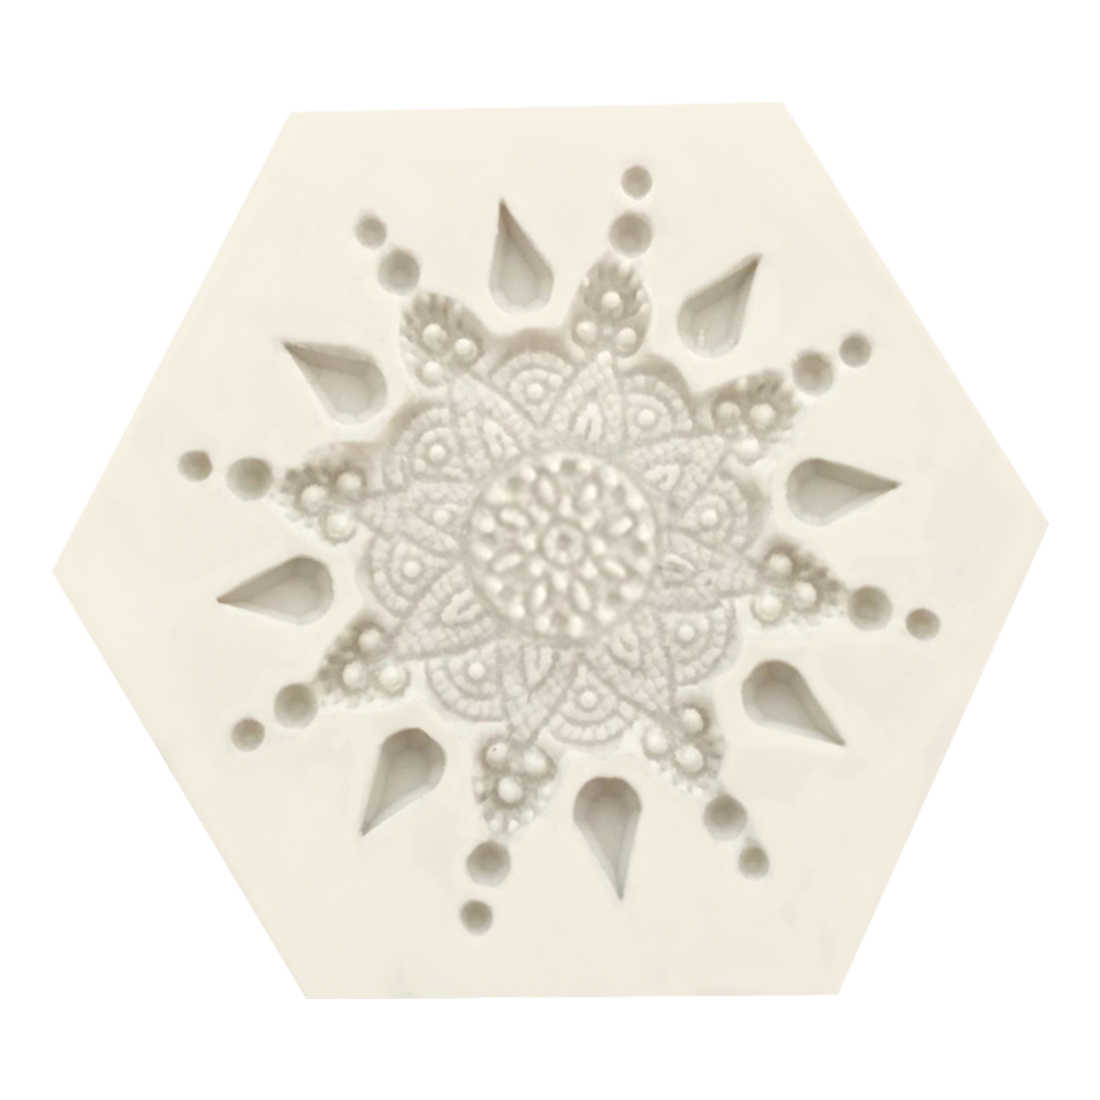 Горячая продажа украшения торта силиконовая формочка в виде цветов перо солнечной системы помадки формы печенья шоколадные глиняные формы для конфет